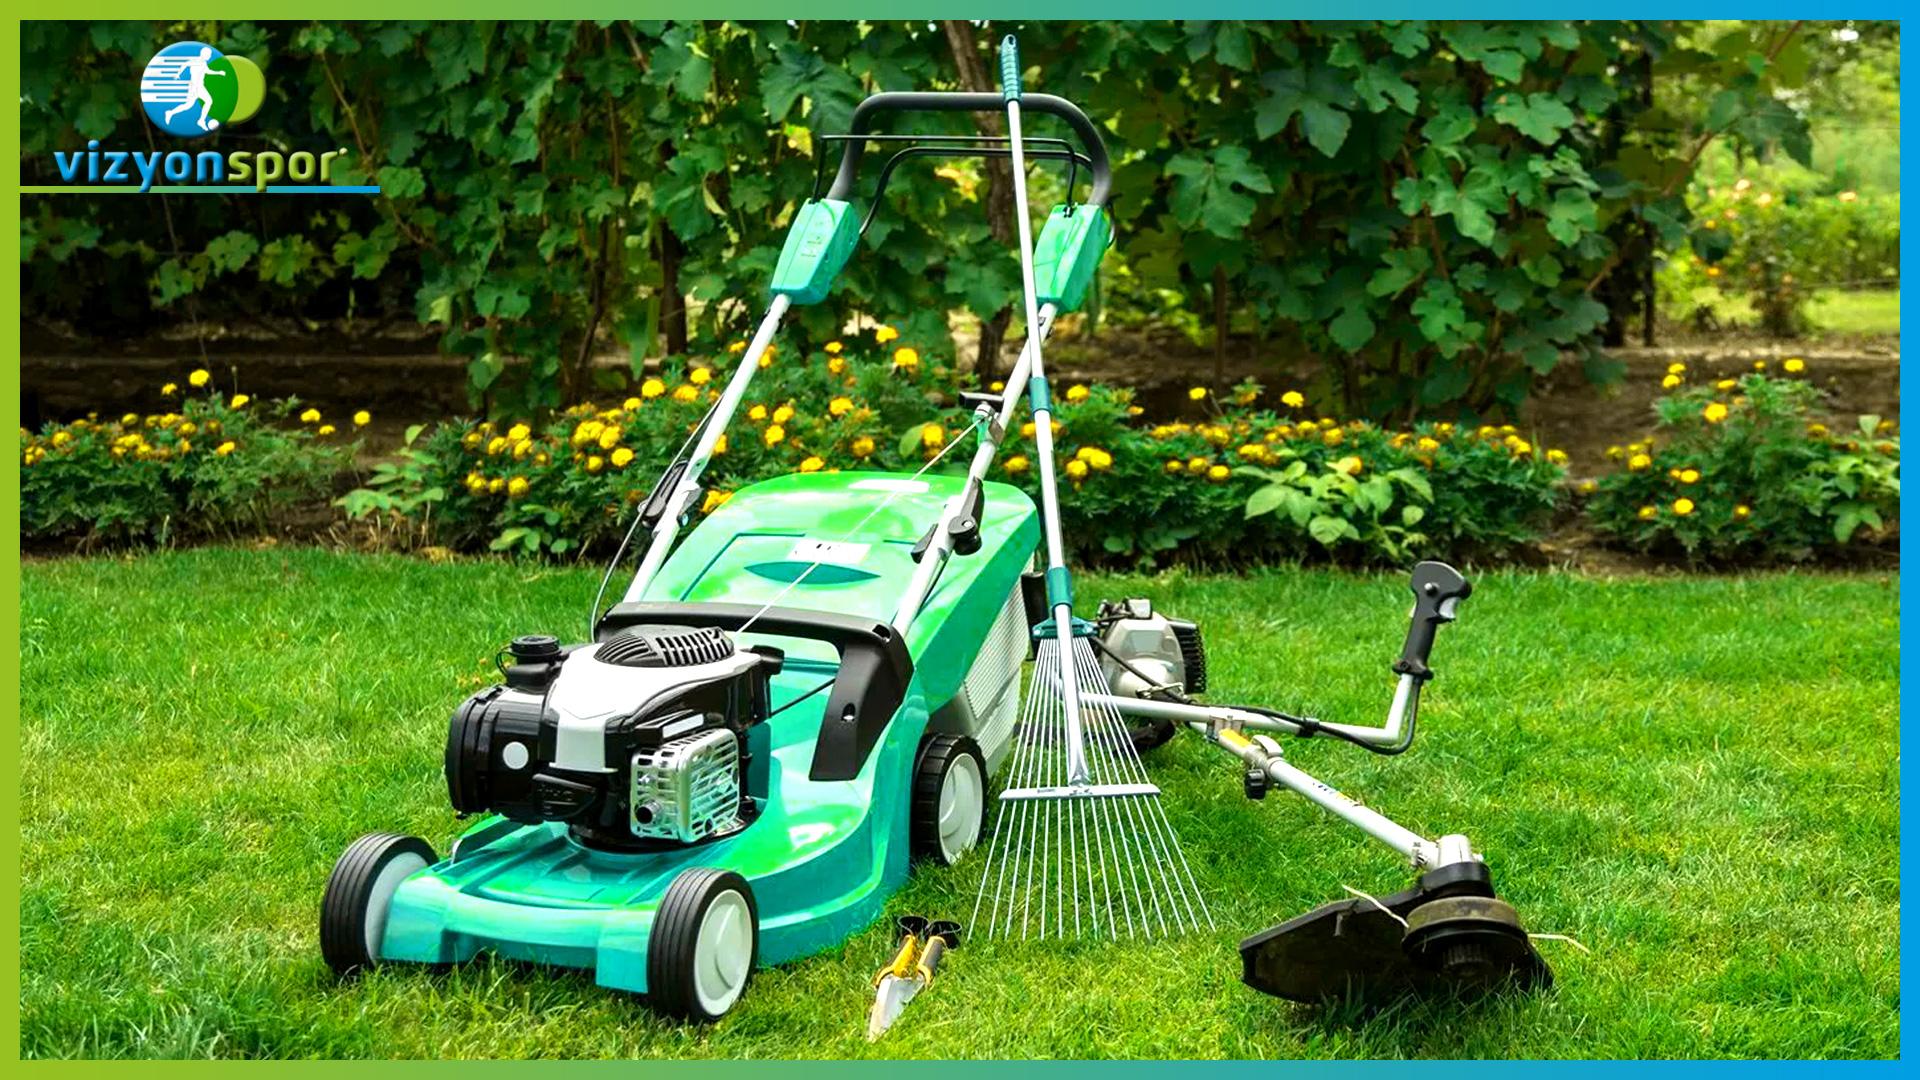 doğal çim bakımı, doğal çim bakım makineleri, doğal çim bakım makinaları, çim bakımı, çim kesme makinası, çim kesme makinesi,